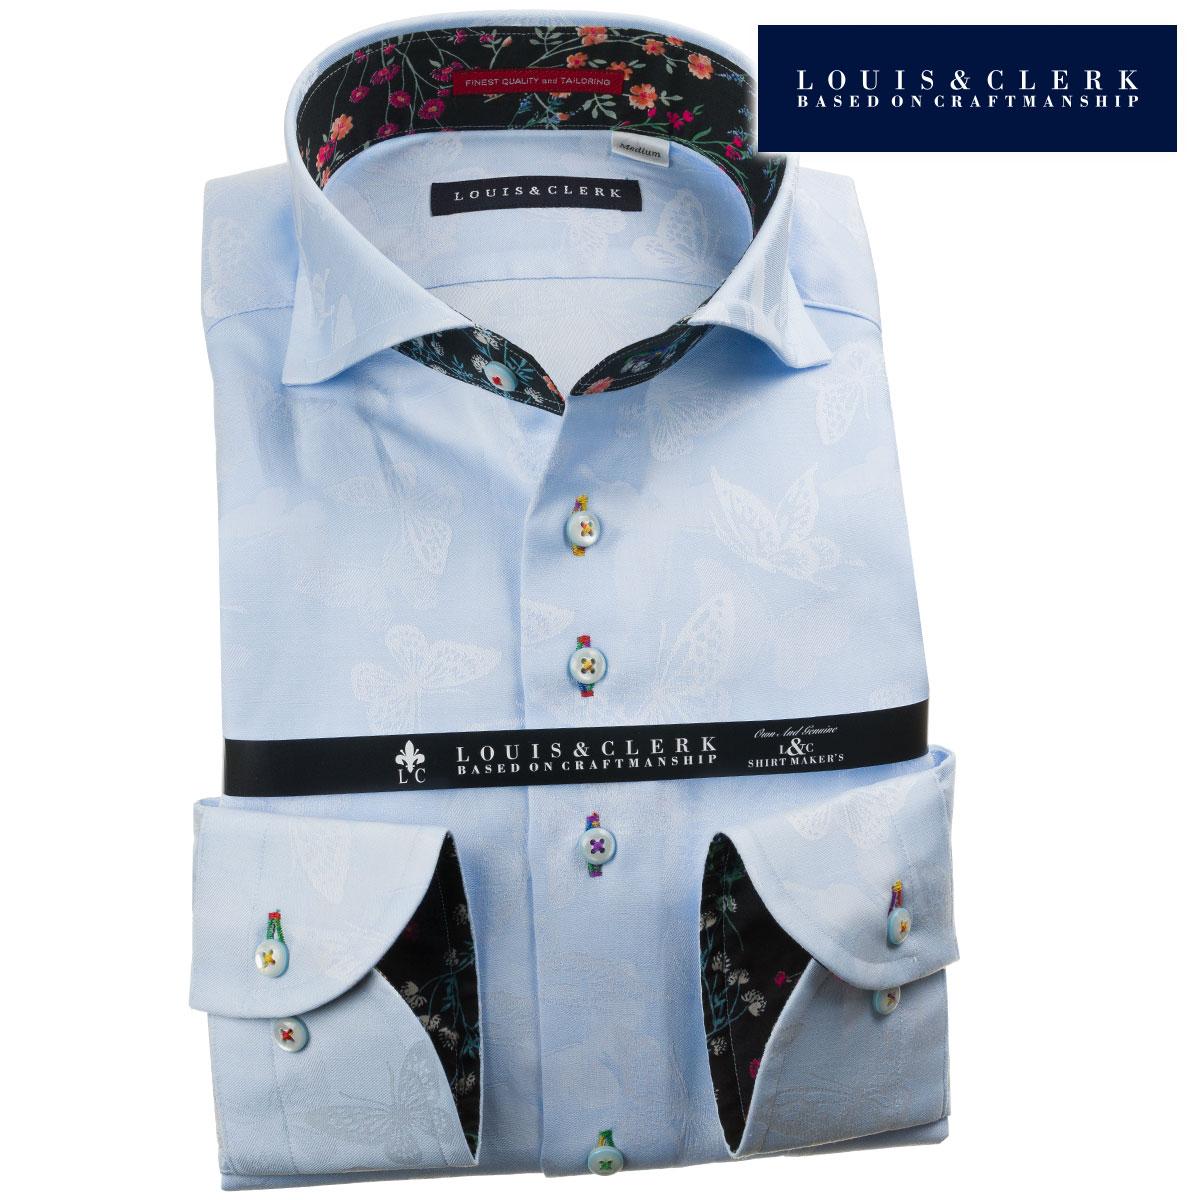 ドレスシャツ ワイシャツ シャツ メンズ 国産 長袖 純綿100% コンフォート カッタウェイワイドカラー スカイブルー ジャガード織柄 蝶 バタフライ 1908